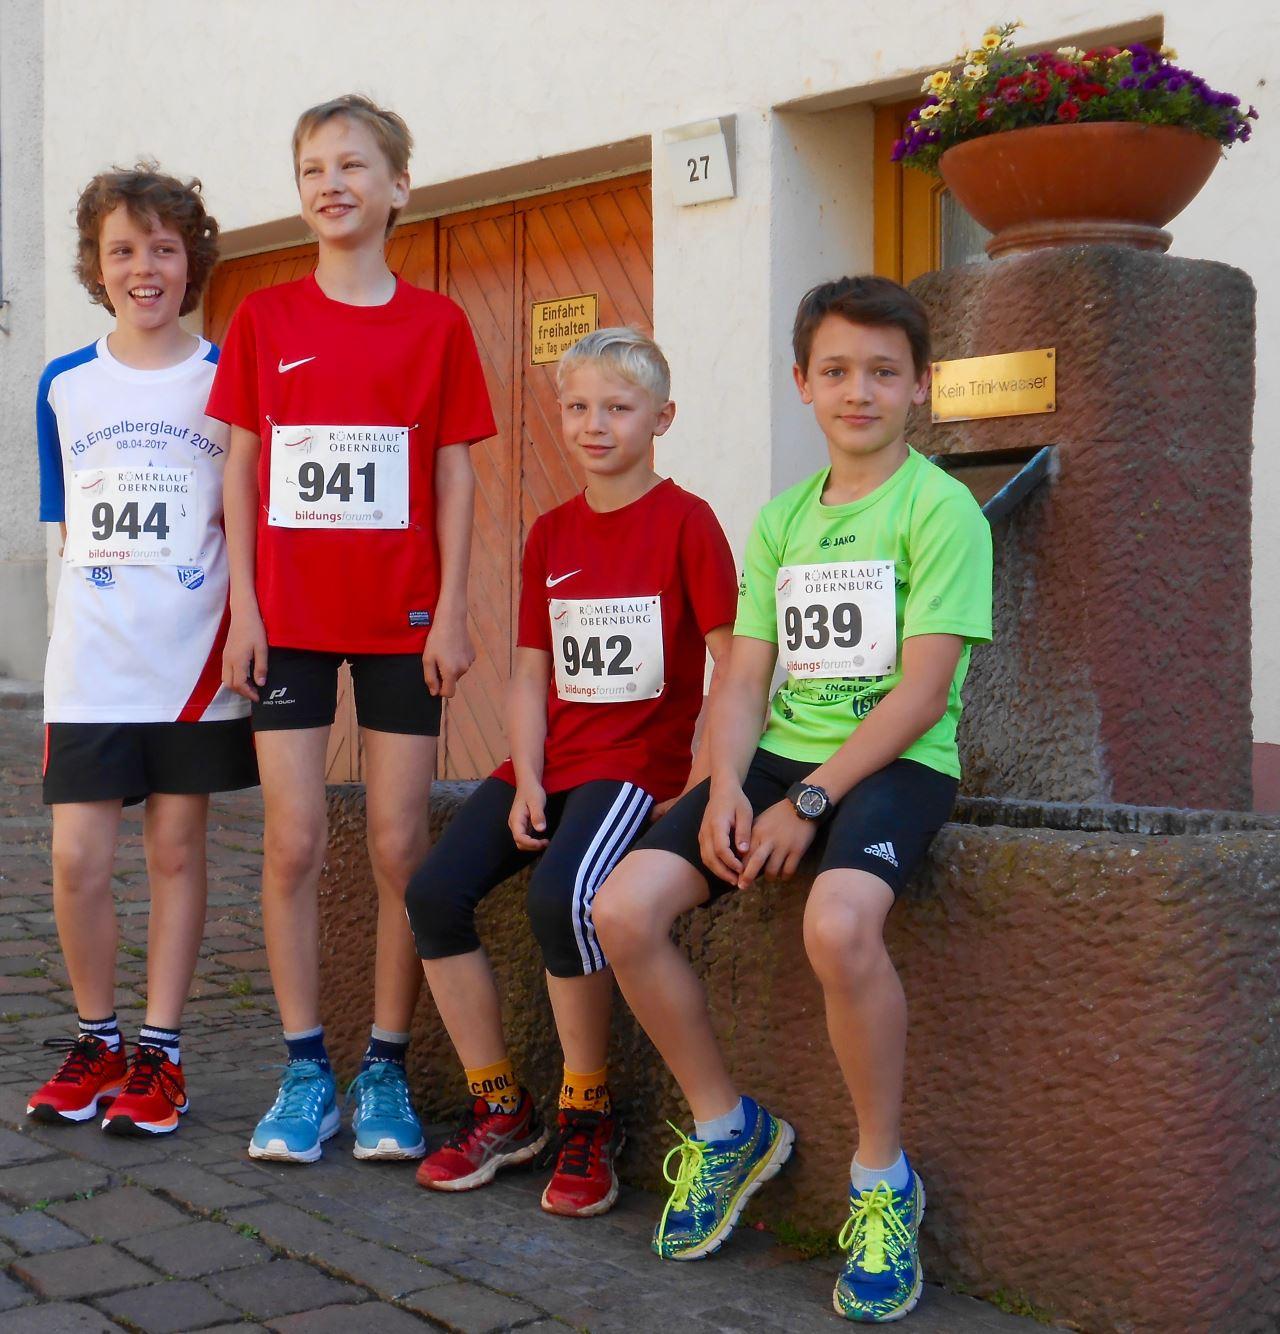 Leichtathletik TV Schweinheim beim Römerlauf 2017 in Obernburg